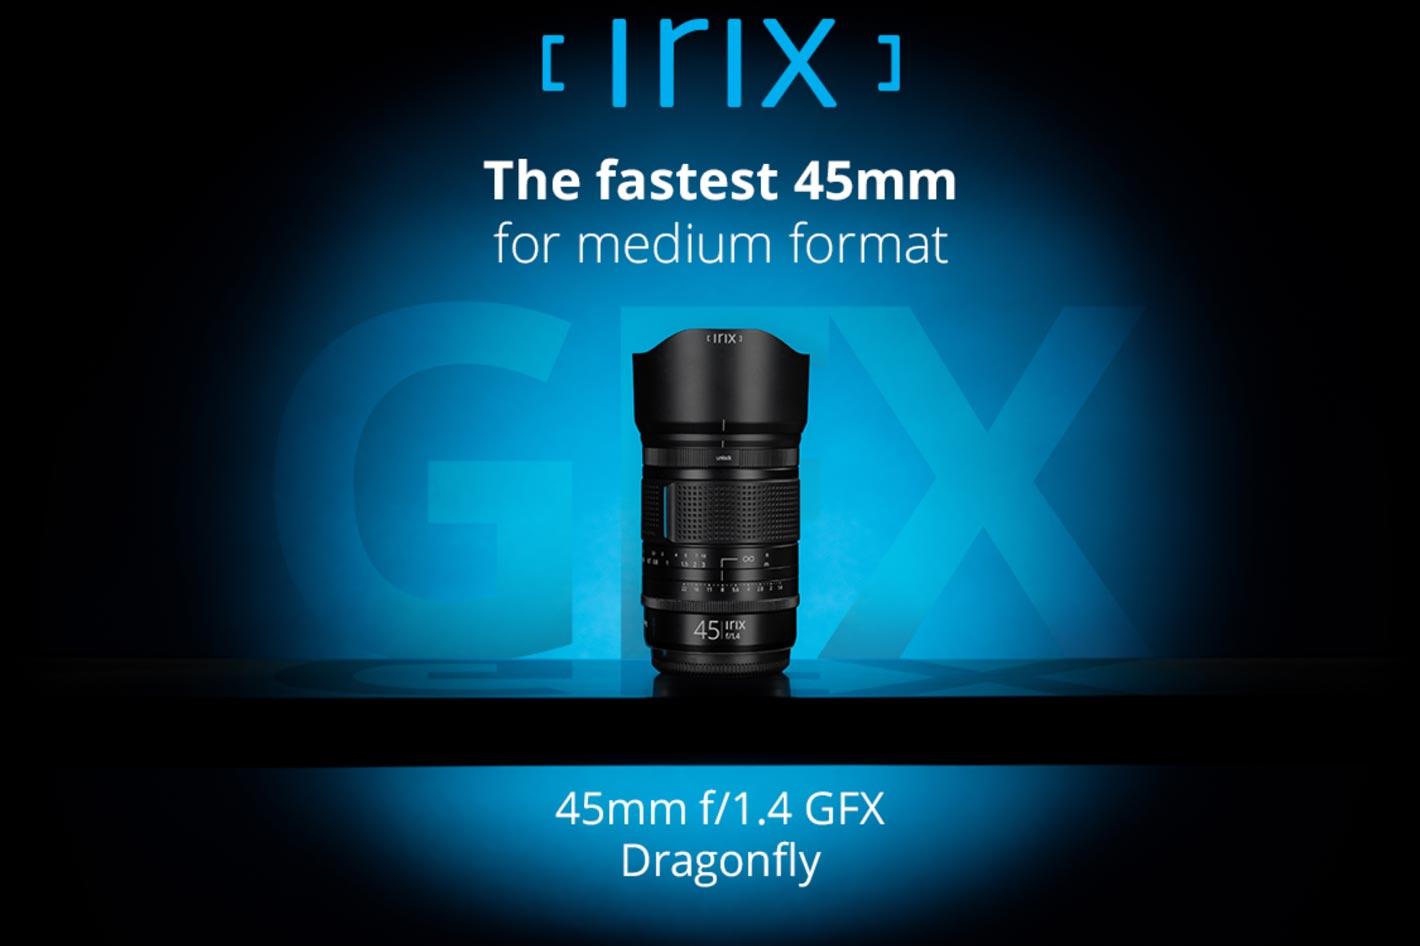 New Irix 45mm f/1.4 lens for Fujifilm GFX cameras